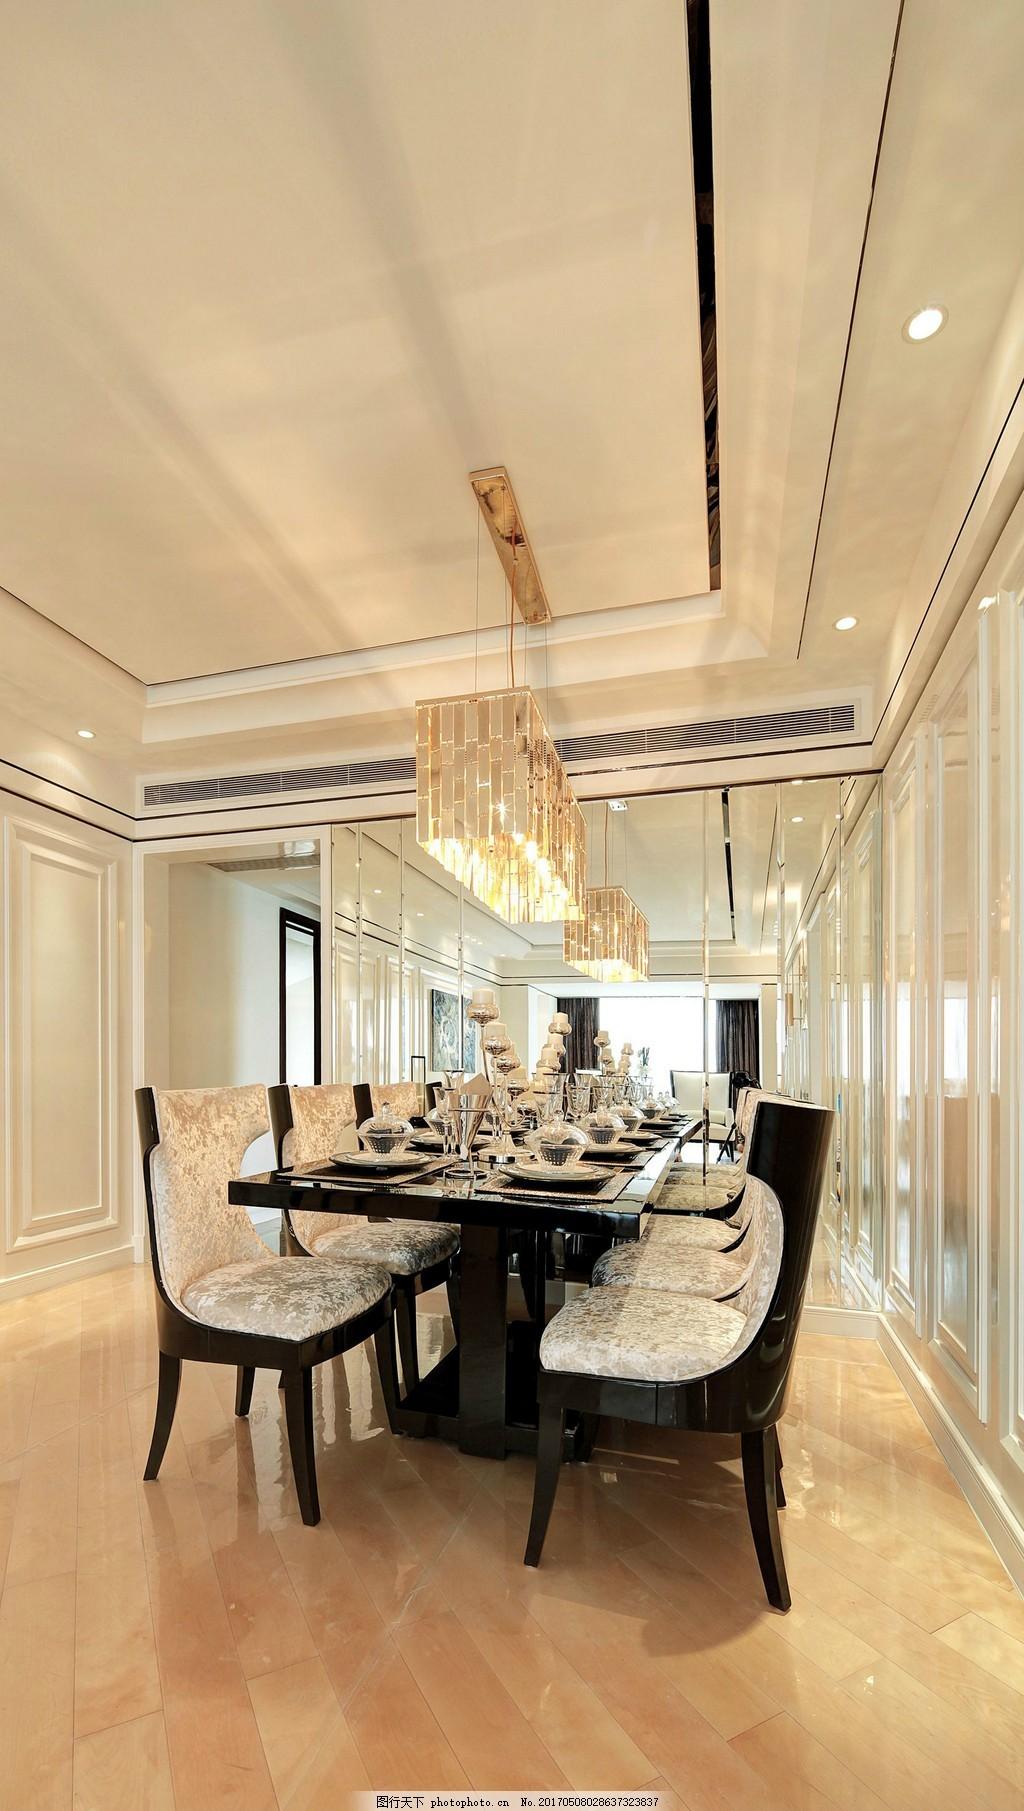 豪华餐厅餐桌设计图 家居 家居生活 室内设计 装修 室内 家具 装修